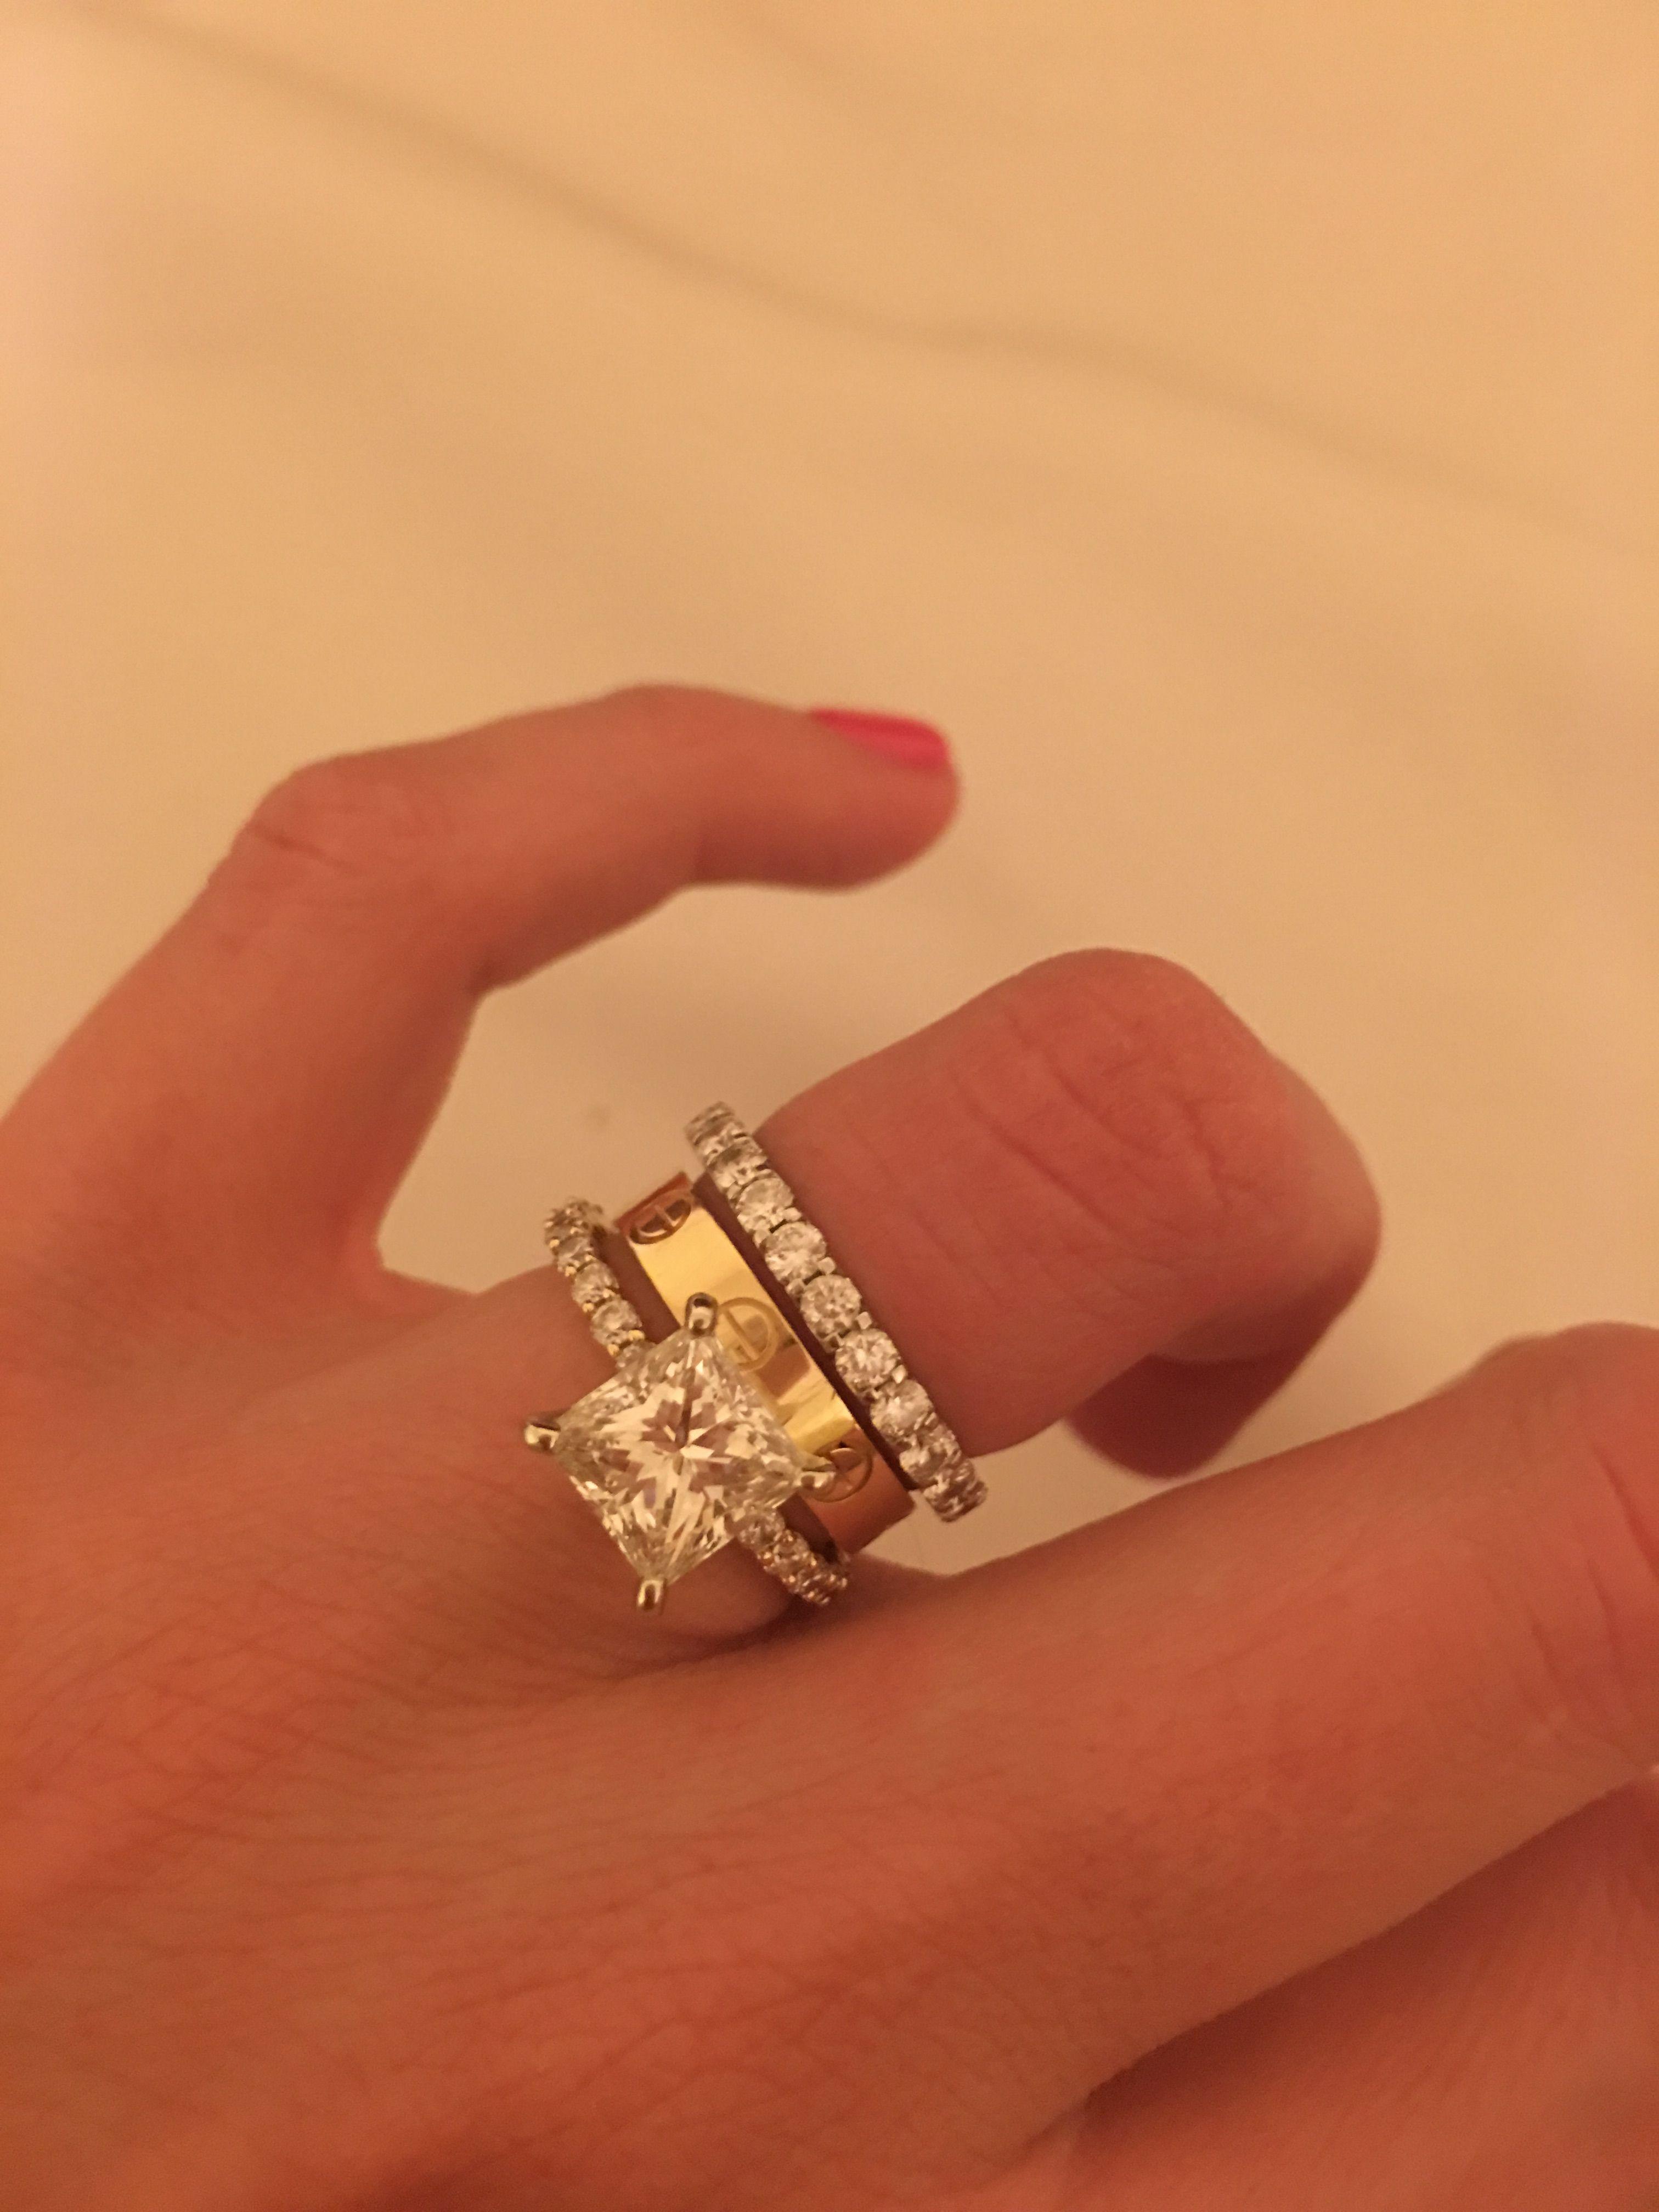 Resultado de imagem para cartier love ring engagement